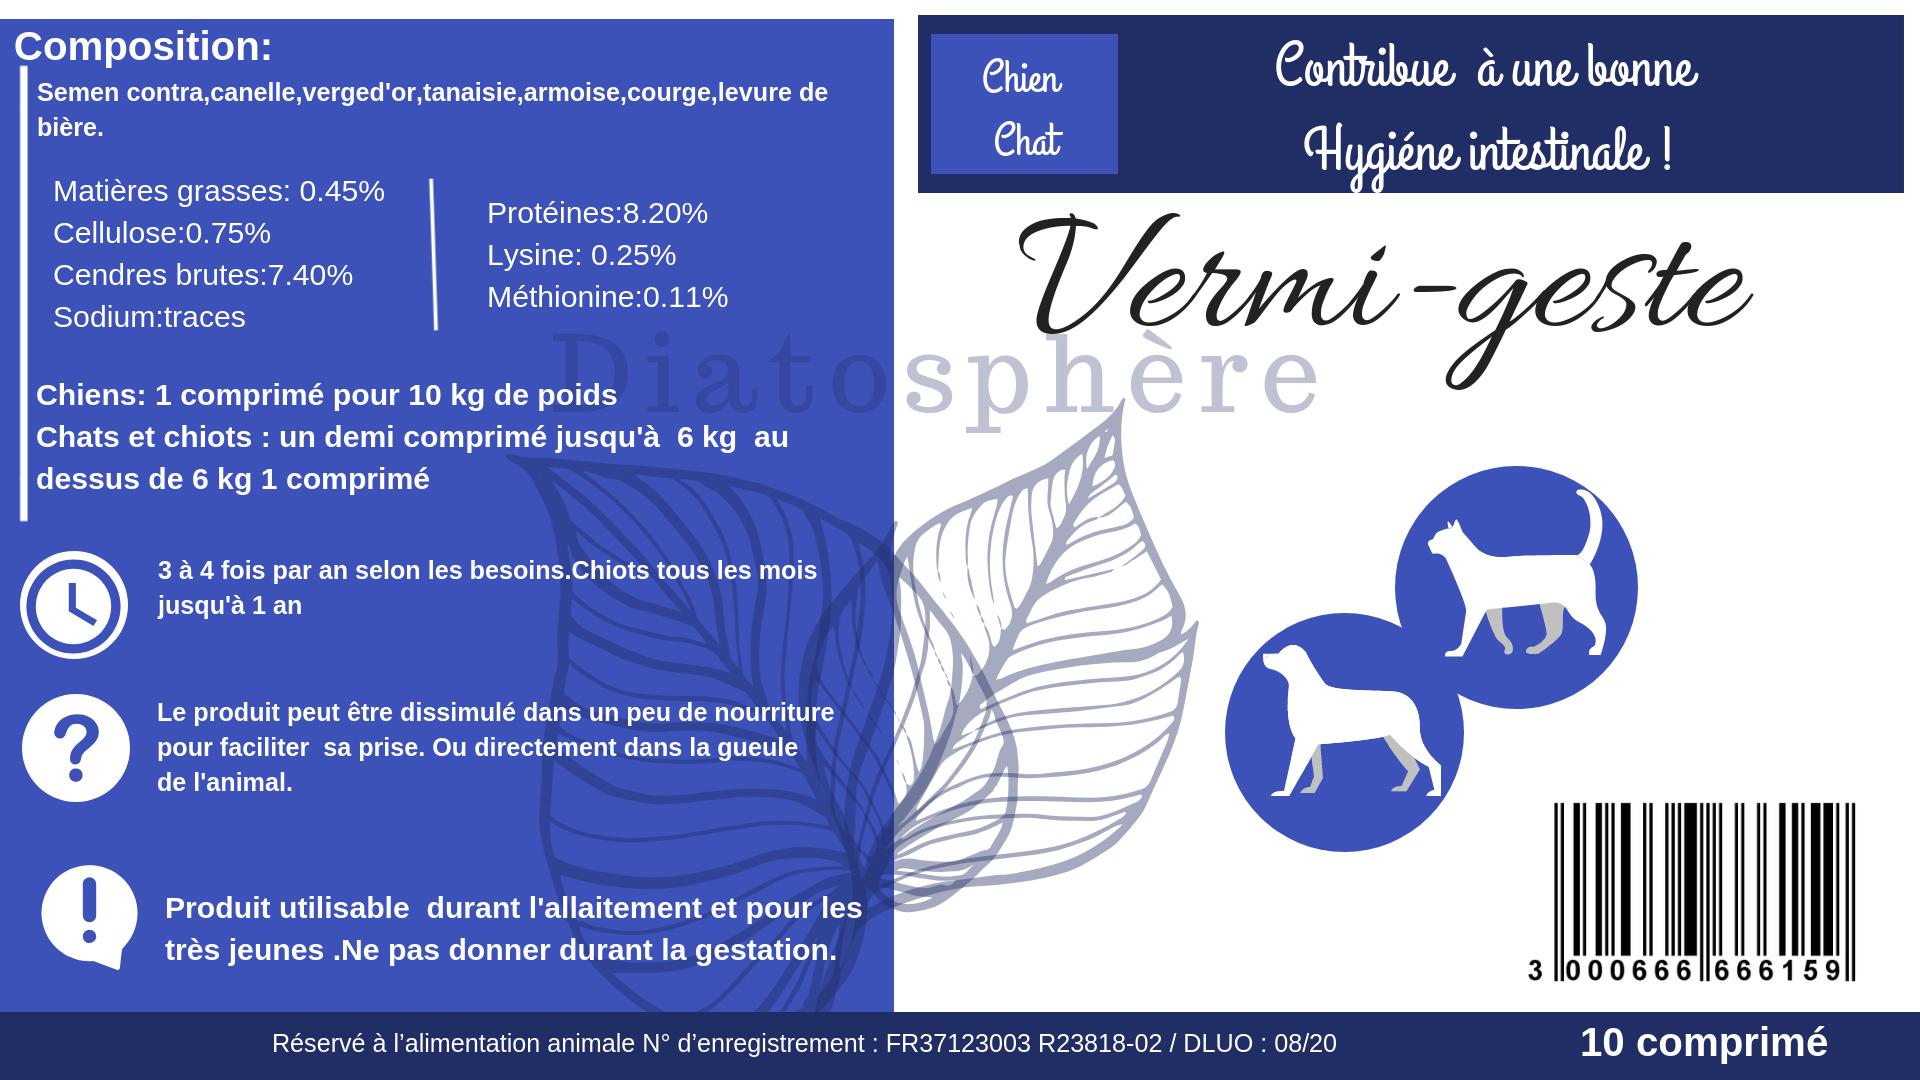 Vermi-geste 10 comprimé